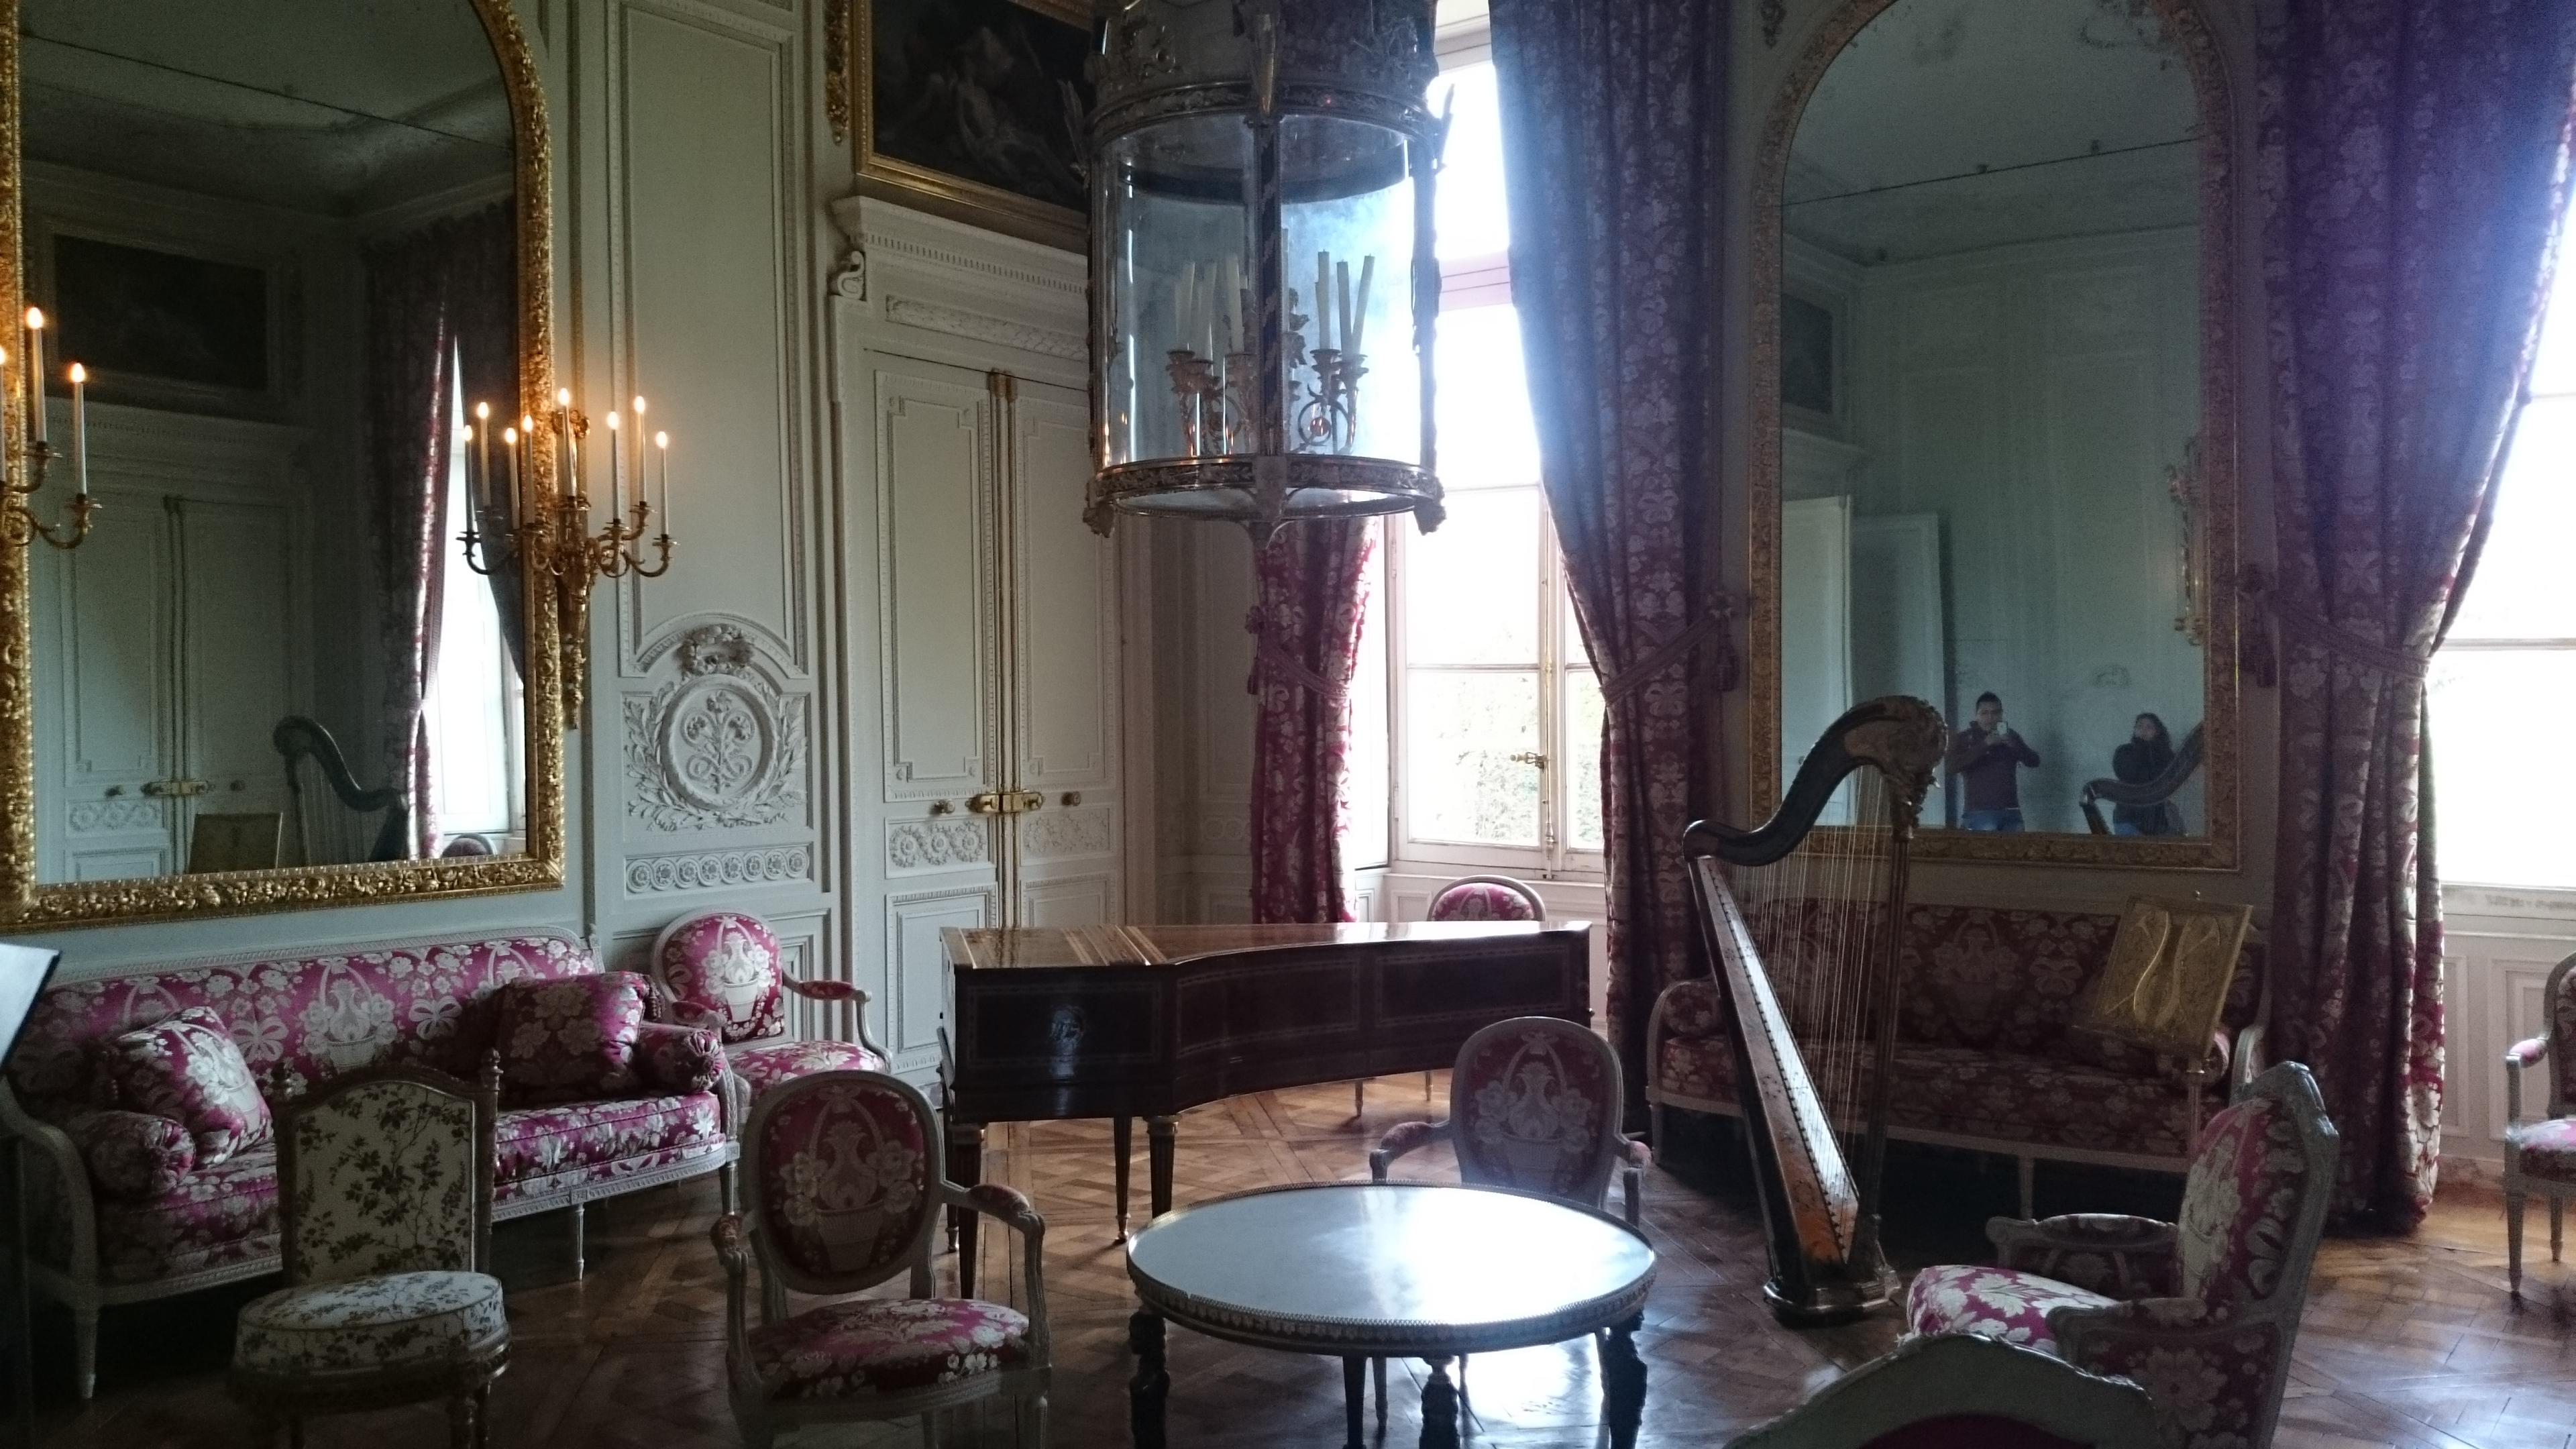 dsc 1274 - Visita al Palacio de Versalles: Como ir, cuanto cuesta y tips II/III